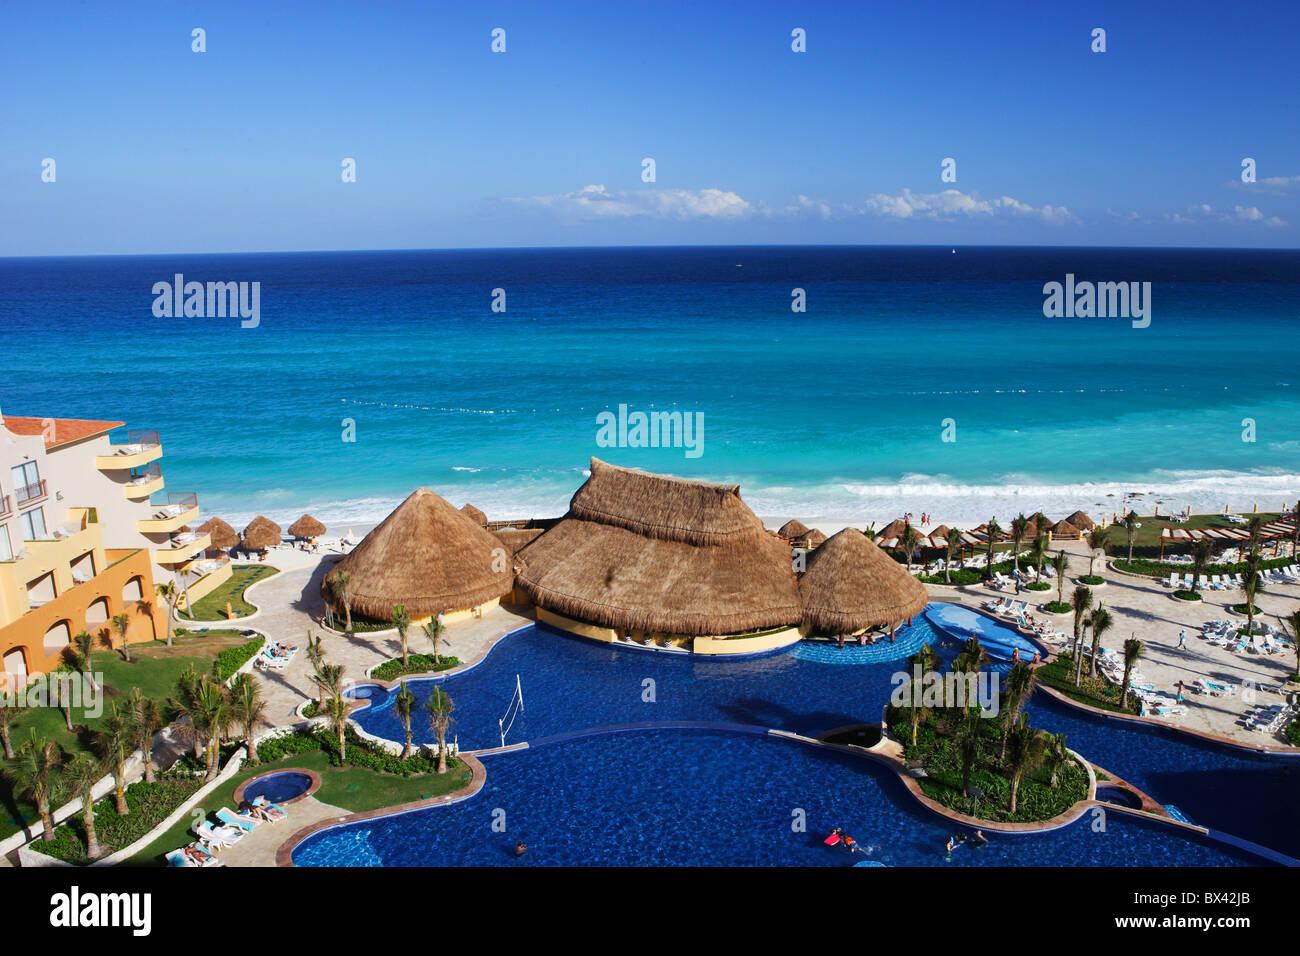 Messico america centrale Quintana Roo Cancun Fiesta Americana resort turistico hotel panoramica piscina spiaggia Immagini Stock